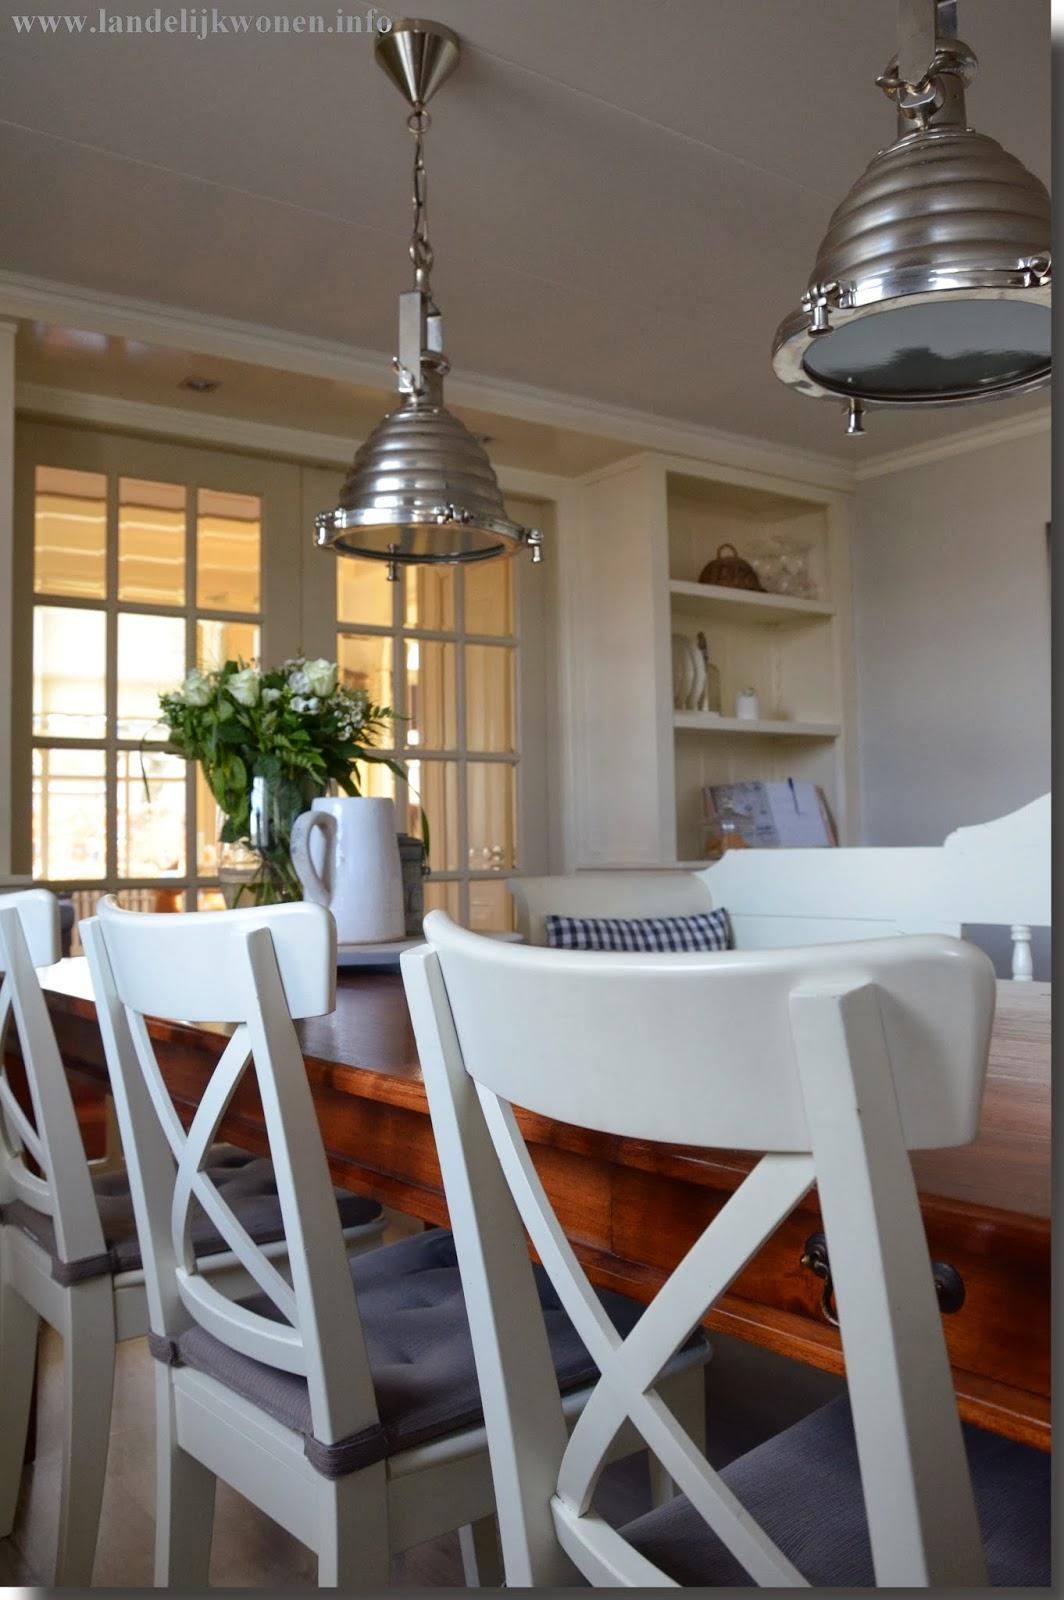 Landelijk wonen de eettafel in de woonkeuken onze for Landelijk wonen ideeen